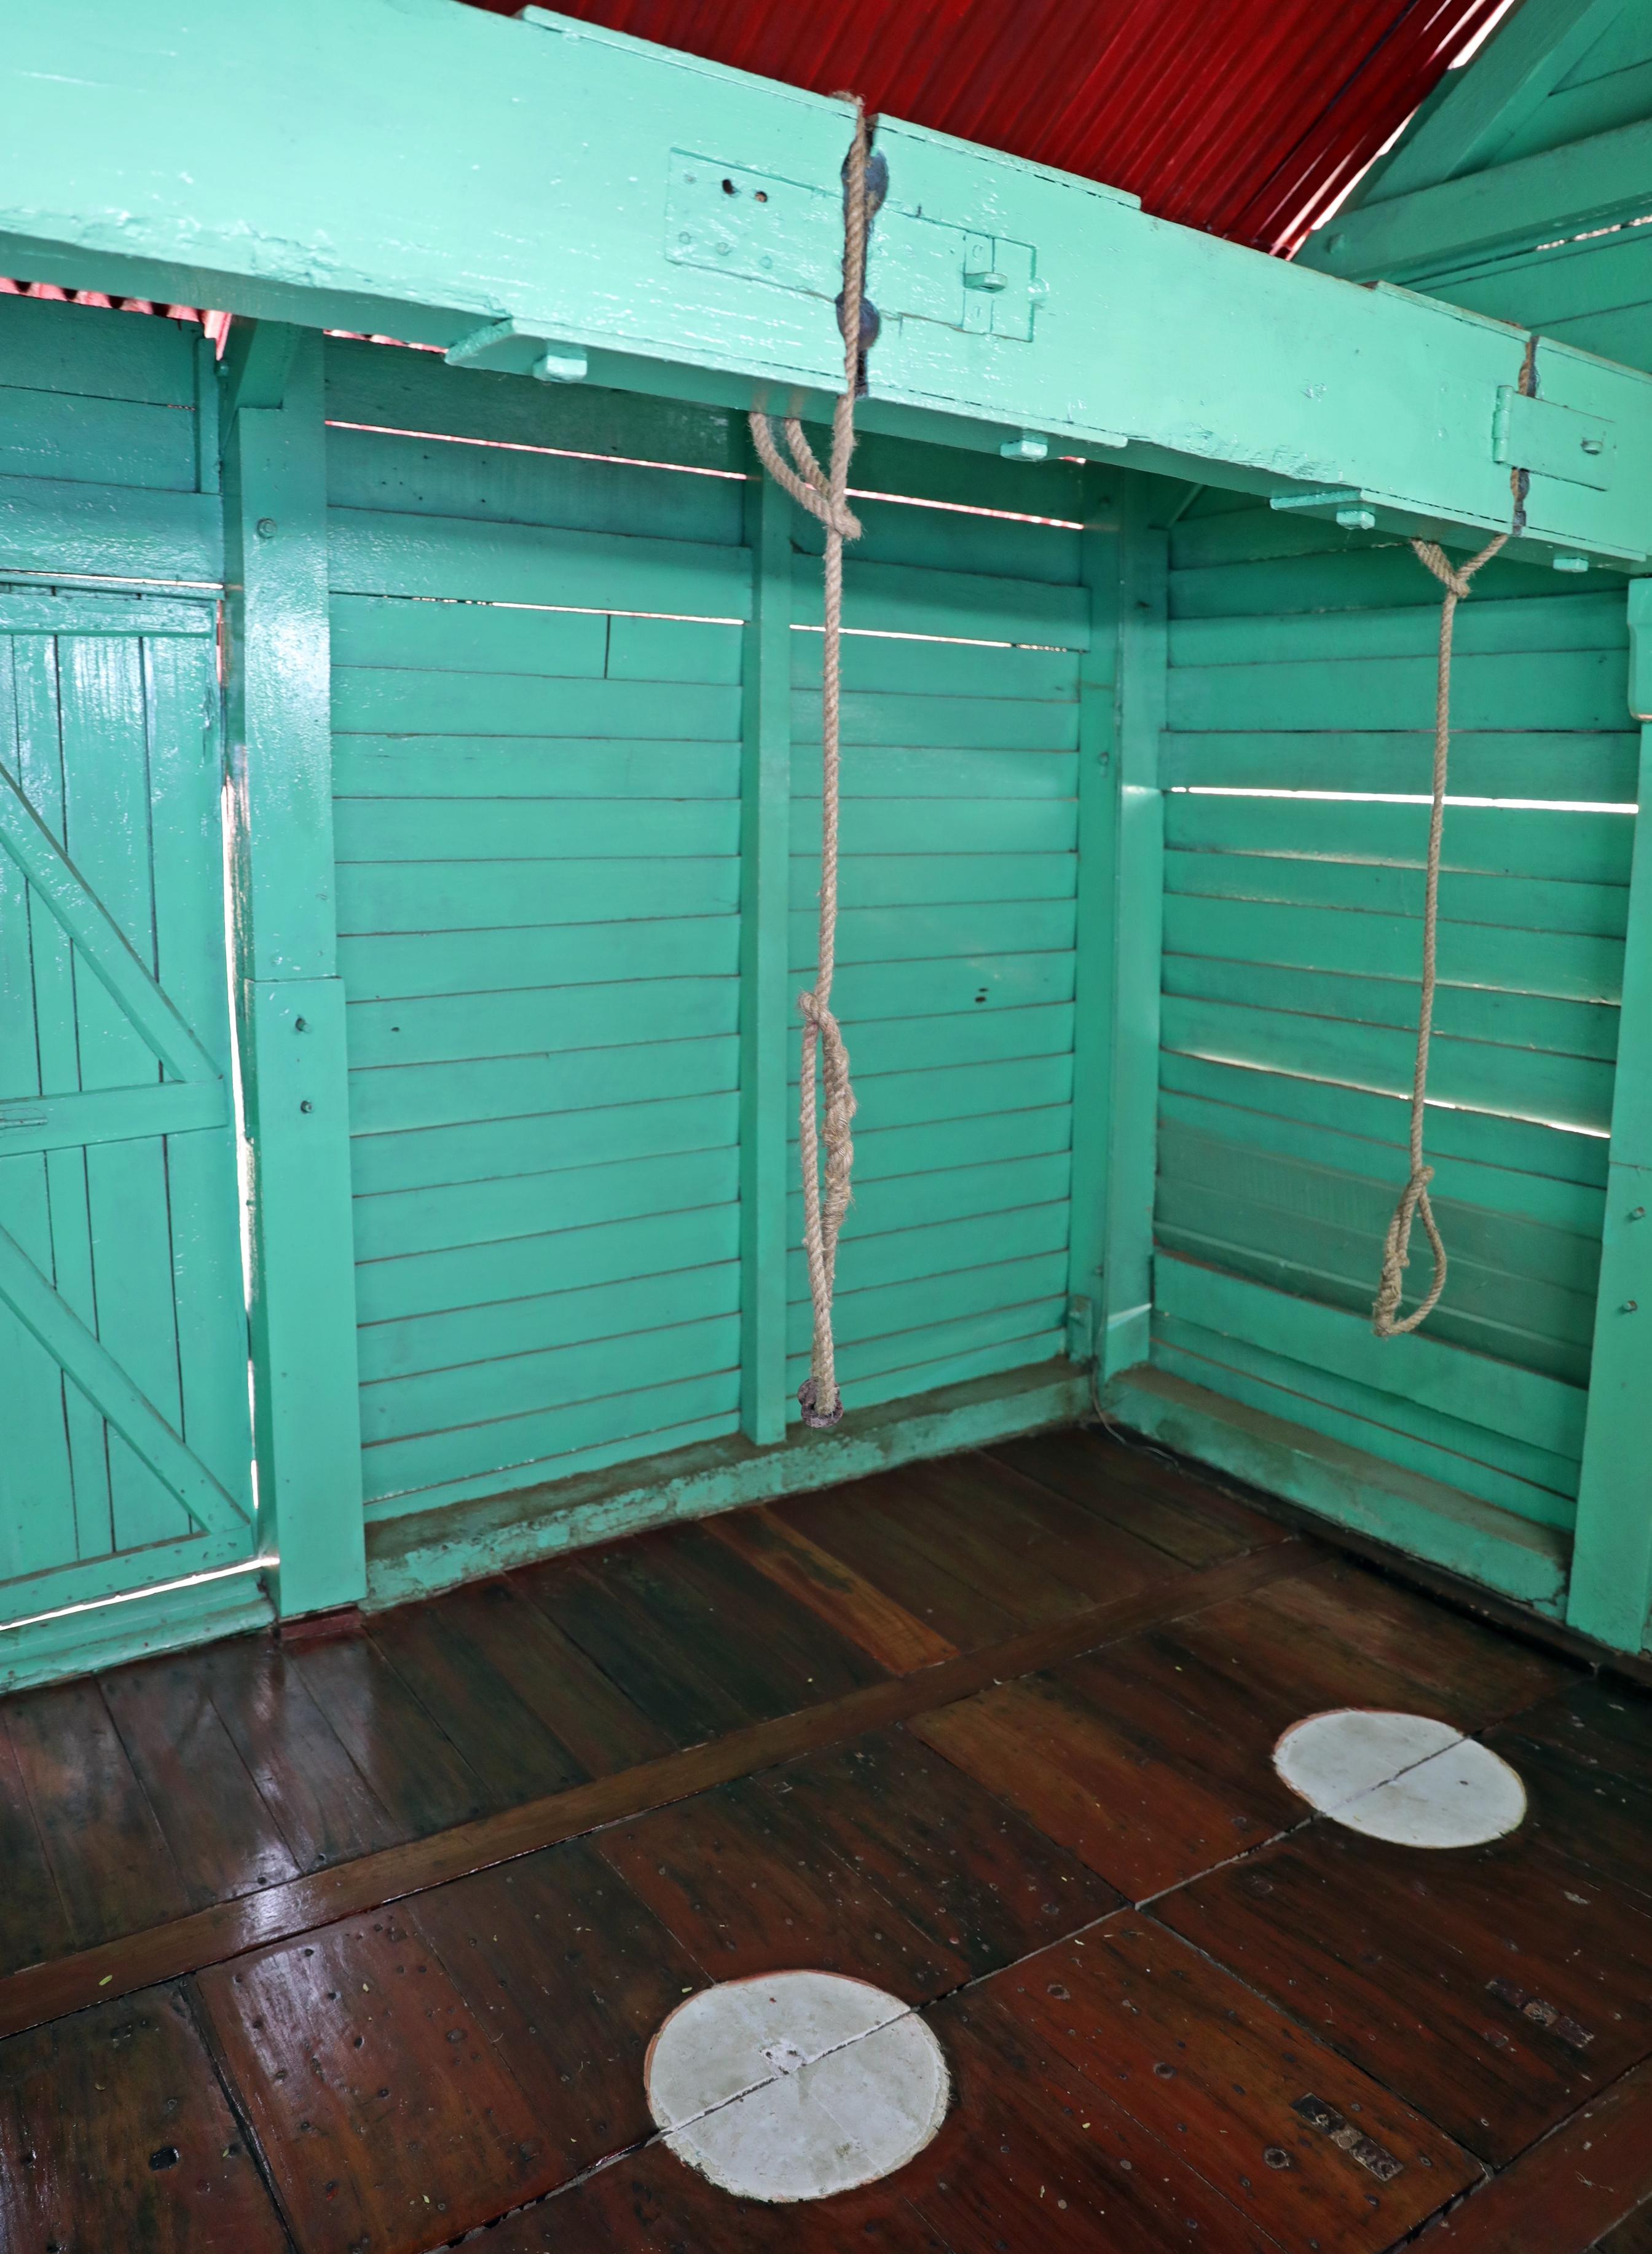 Gallows, Cellular Jail, Port Blair, Andaman Islands